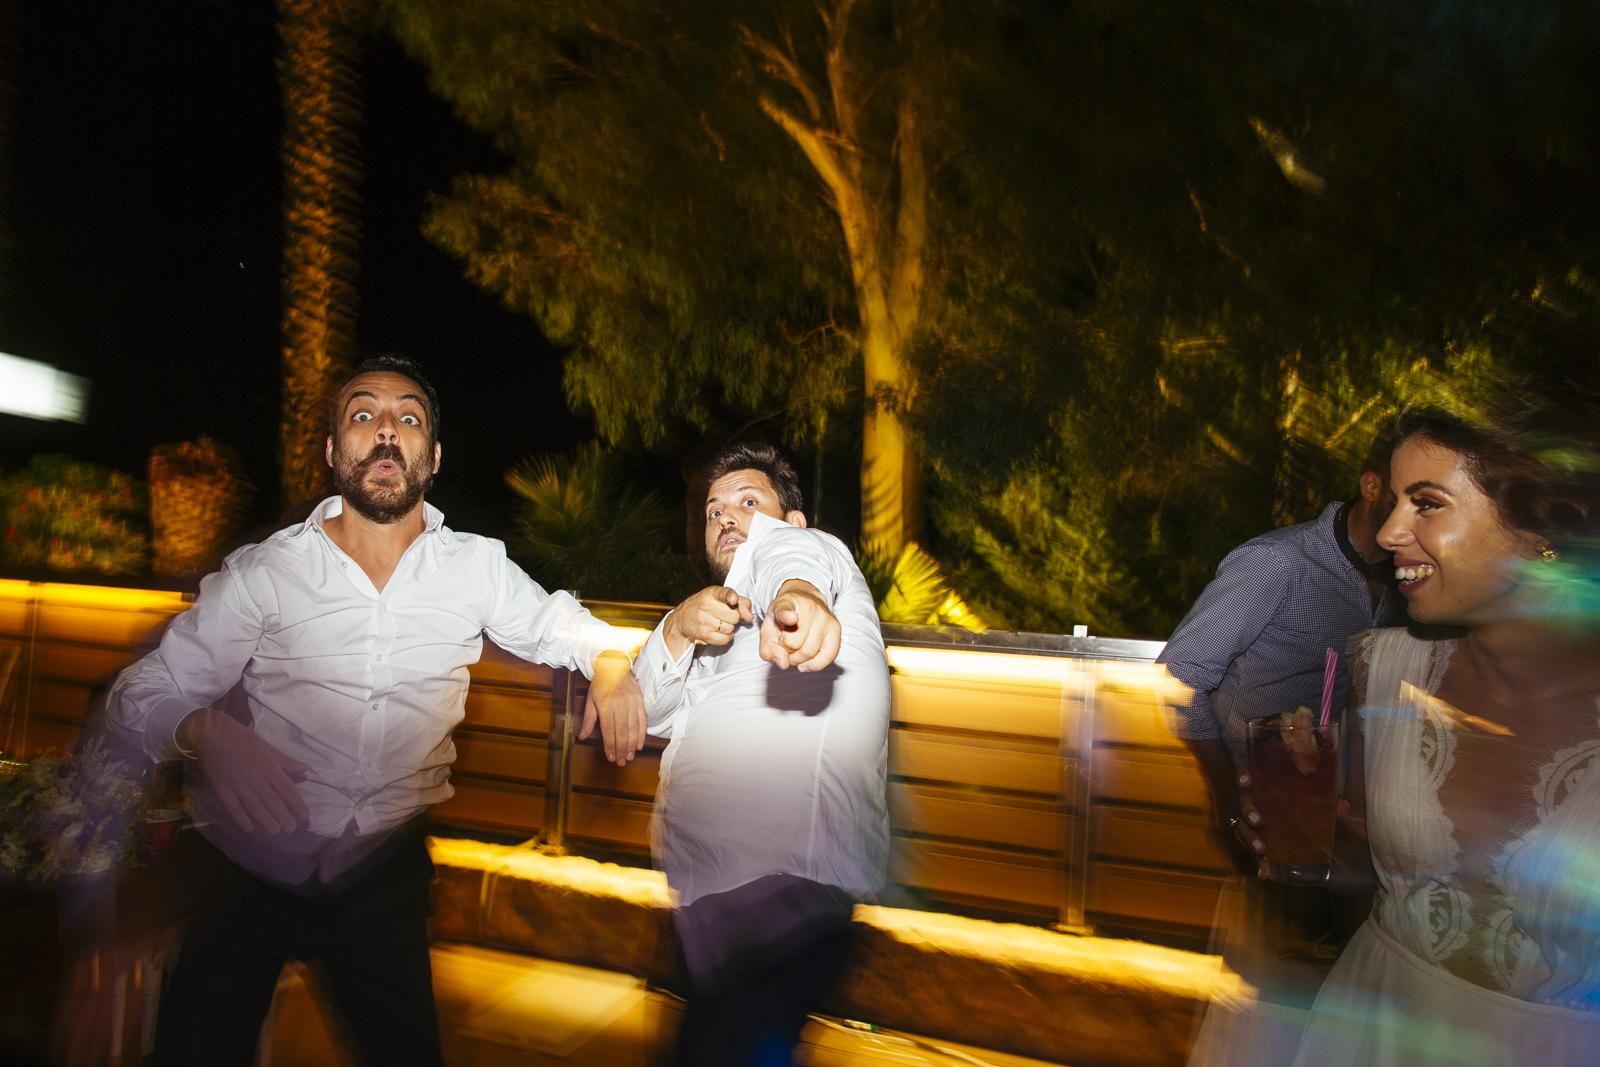 γαμος μονεμβασια φωτογραφιες (13).jpg